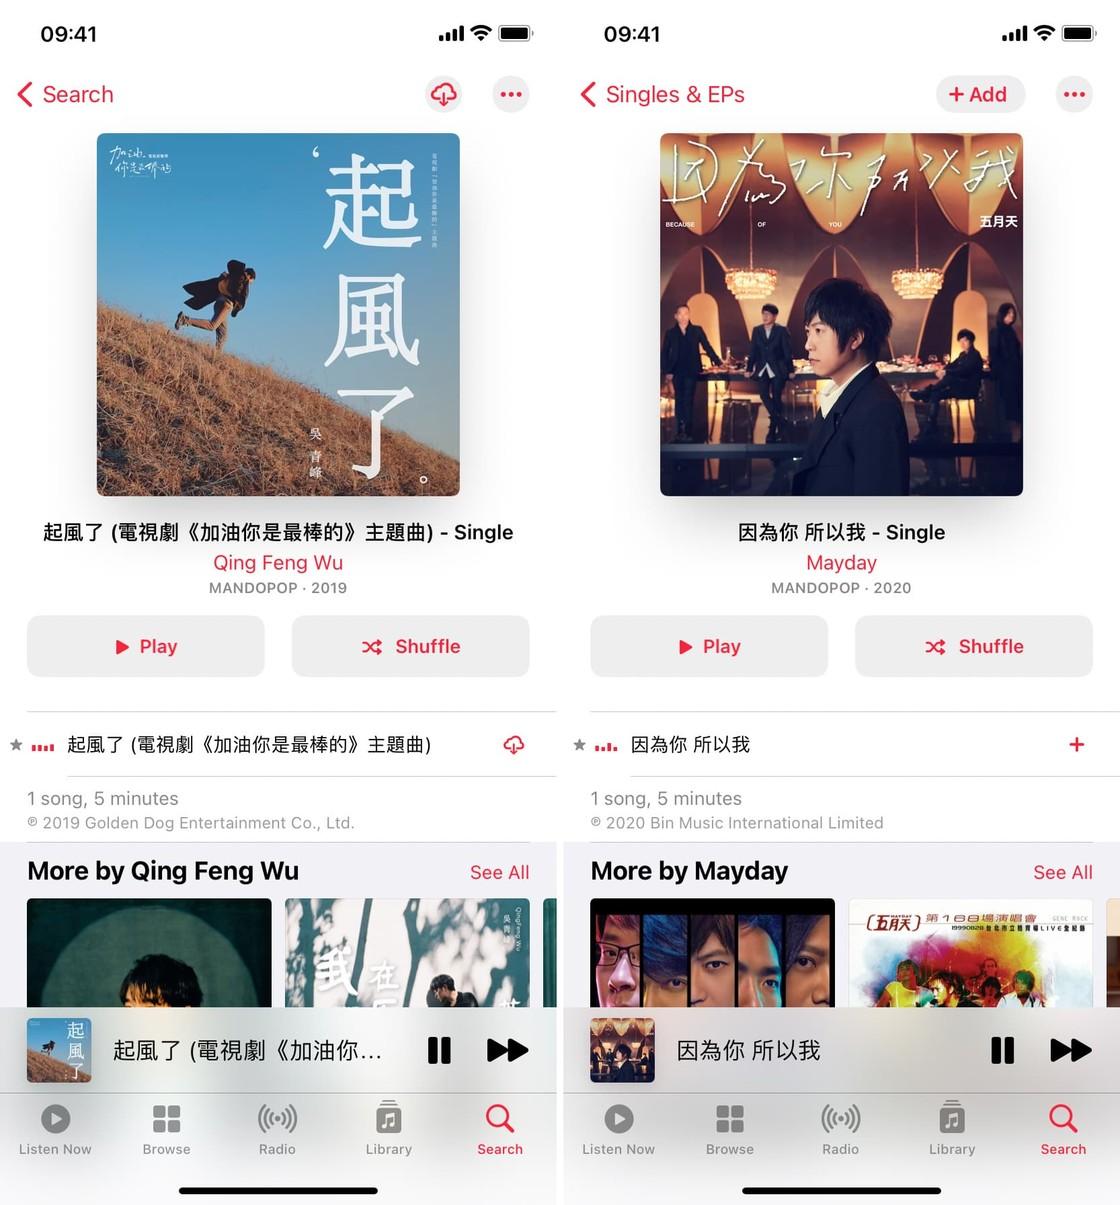 iPhone 用户使用 Apple Music 听歌是最好的选择吗?